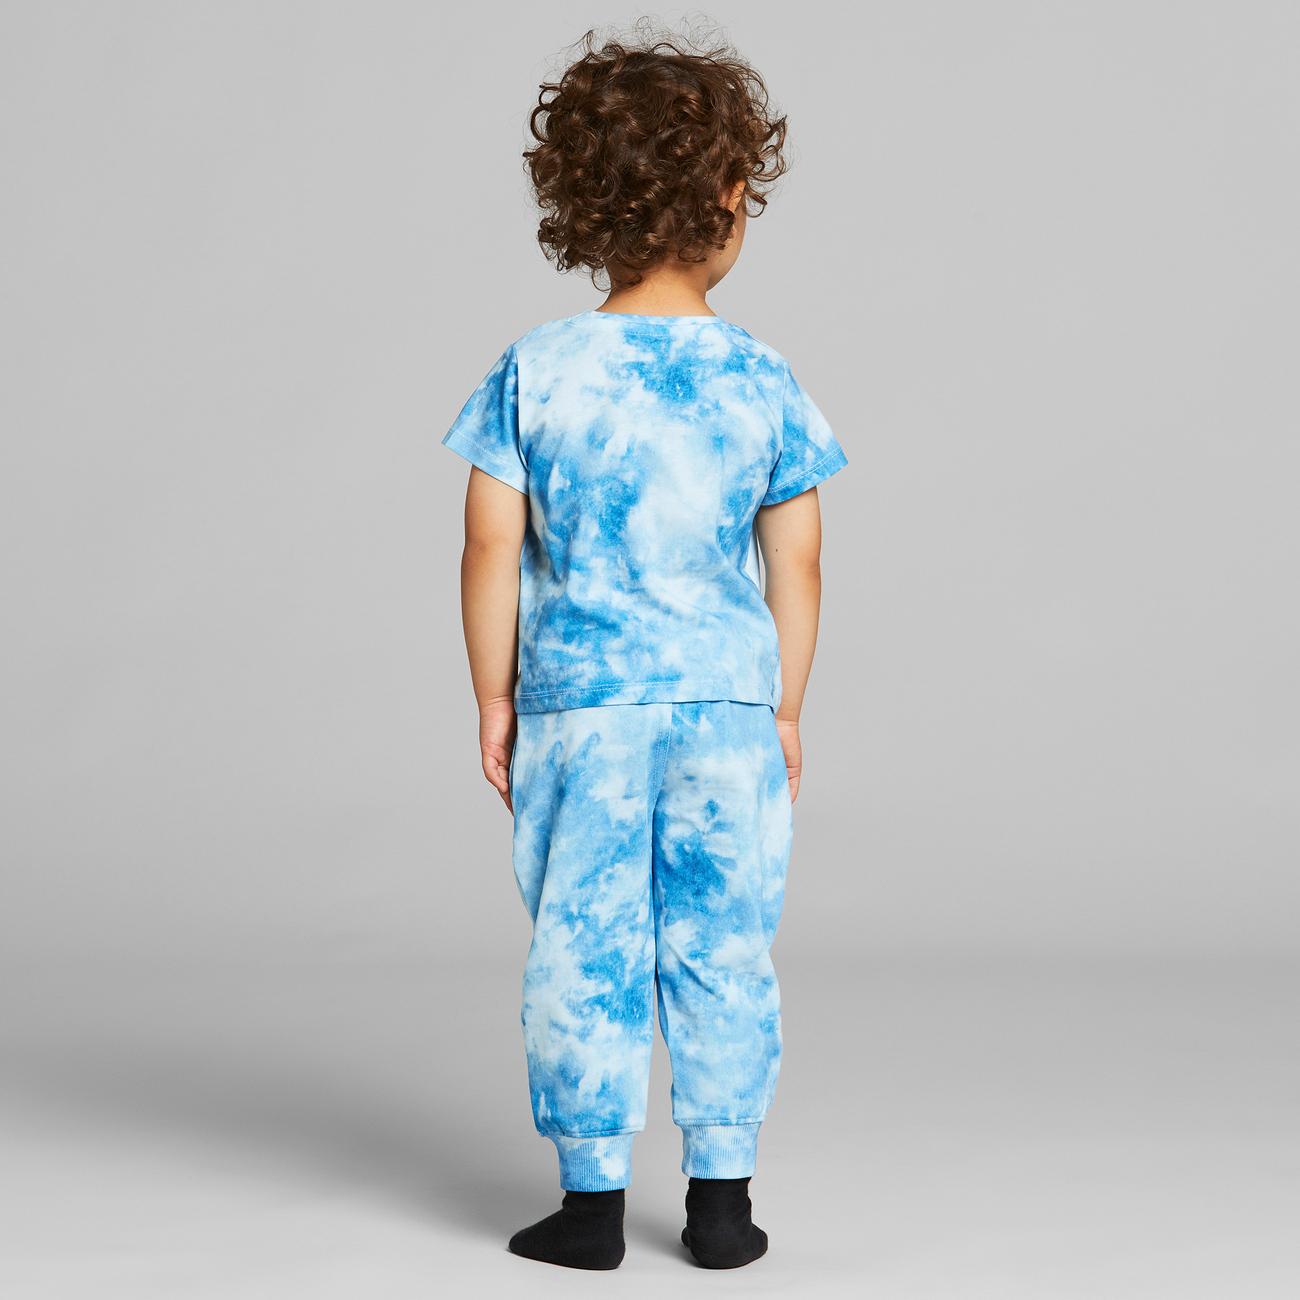 T-shirt Lillehammer Tie Dye Blue